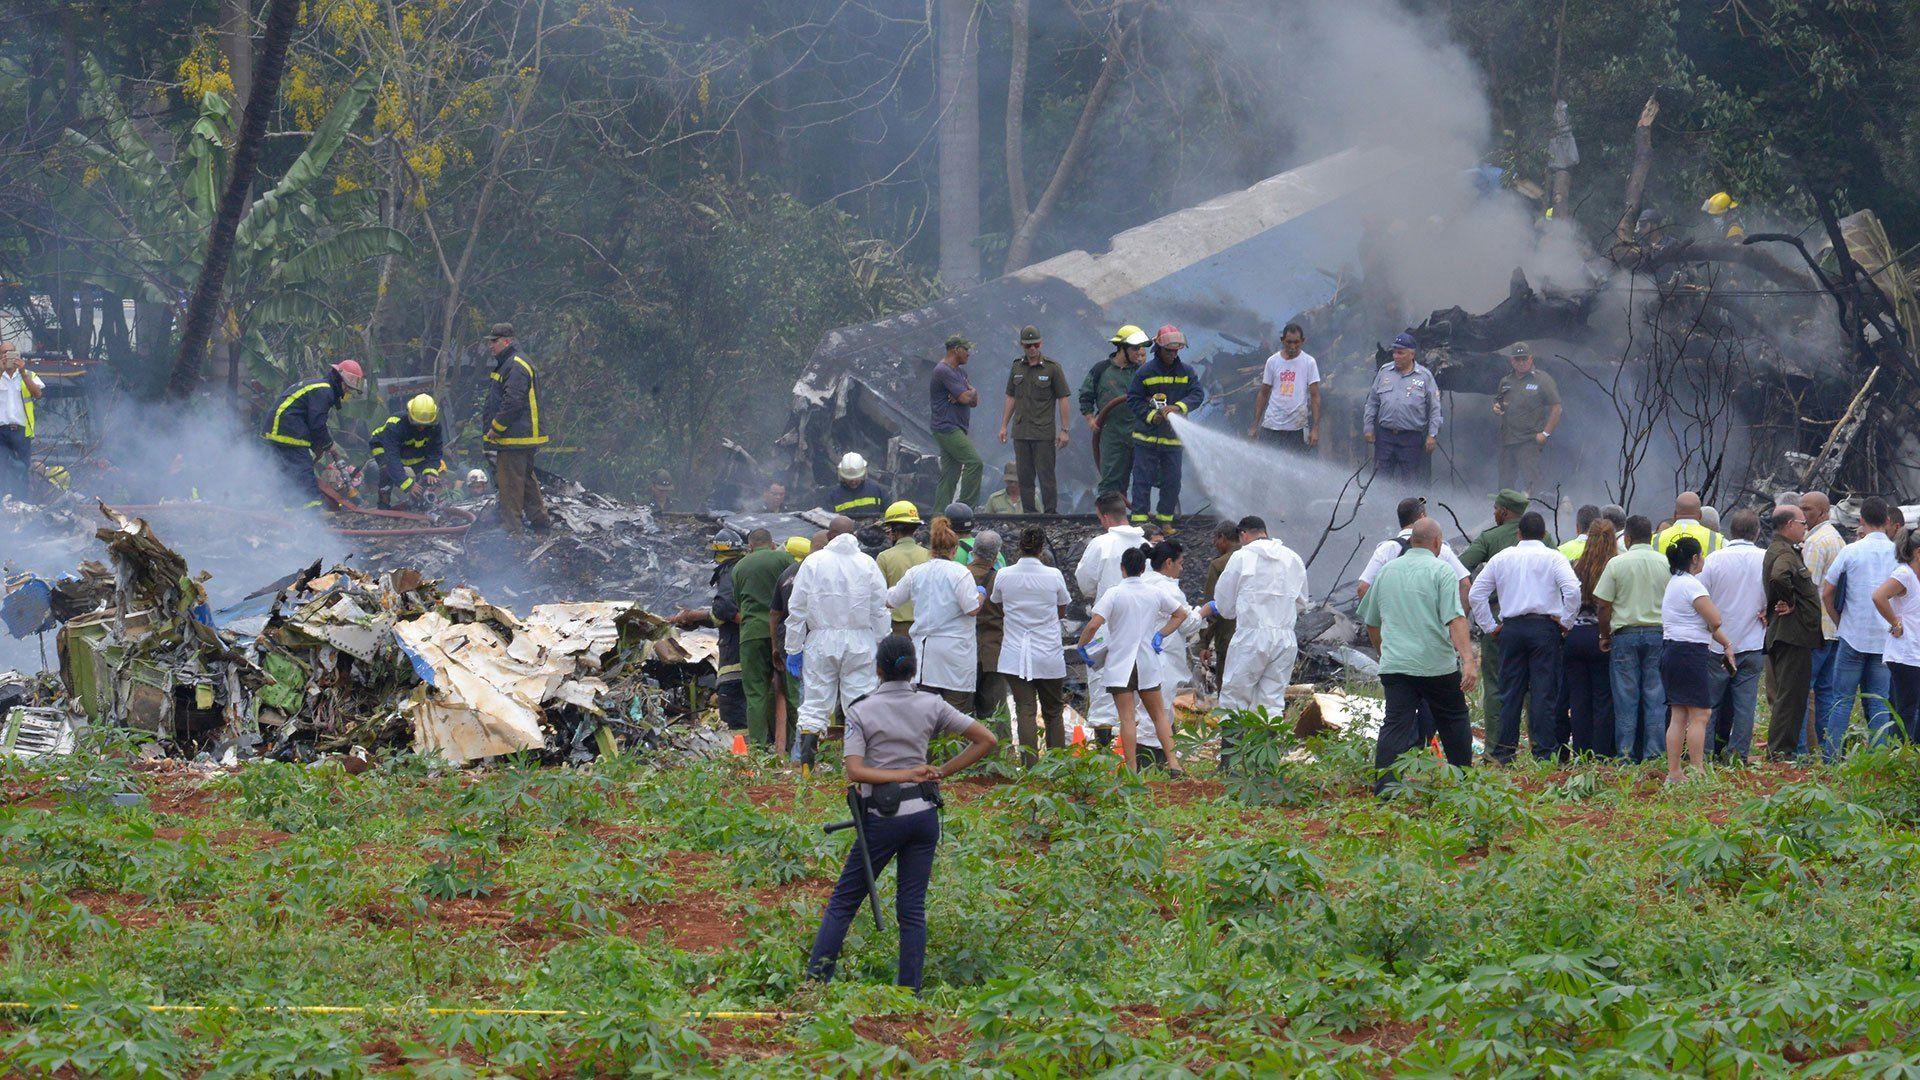 Dos turistas argentinos se encuentran en el centenar de víctimas fatales del accidente aéreo en La Habana